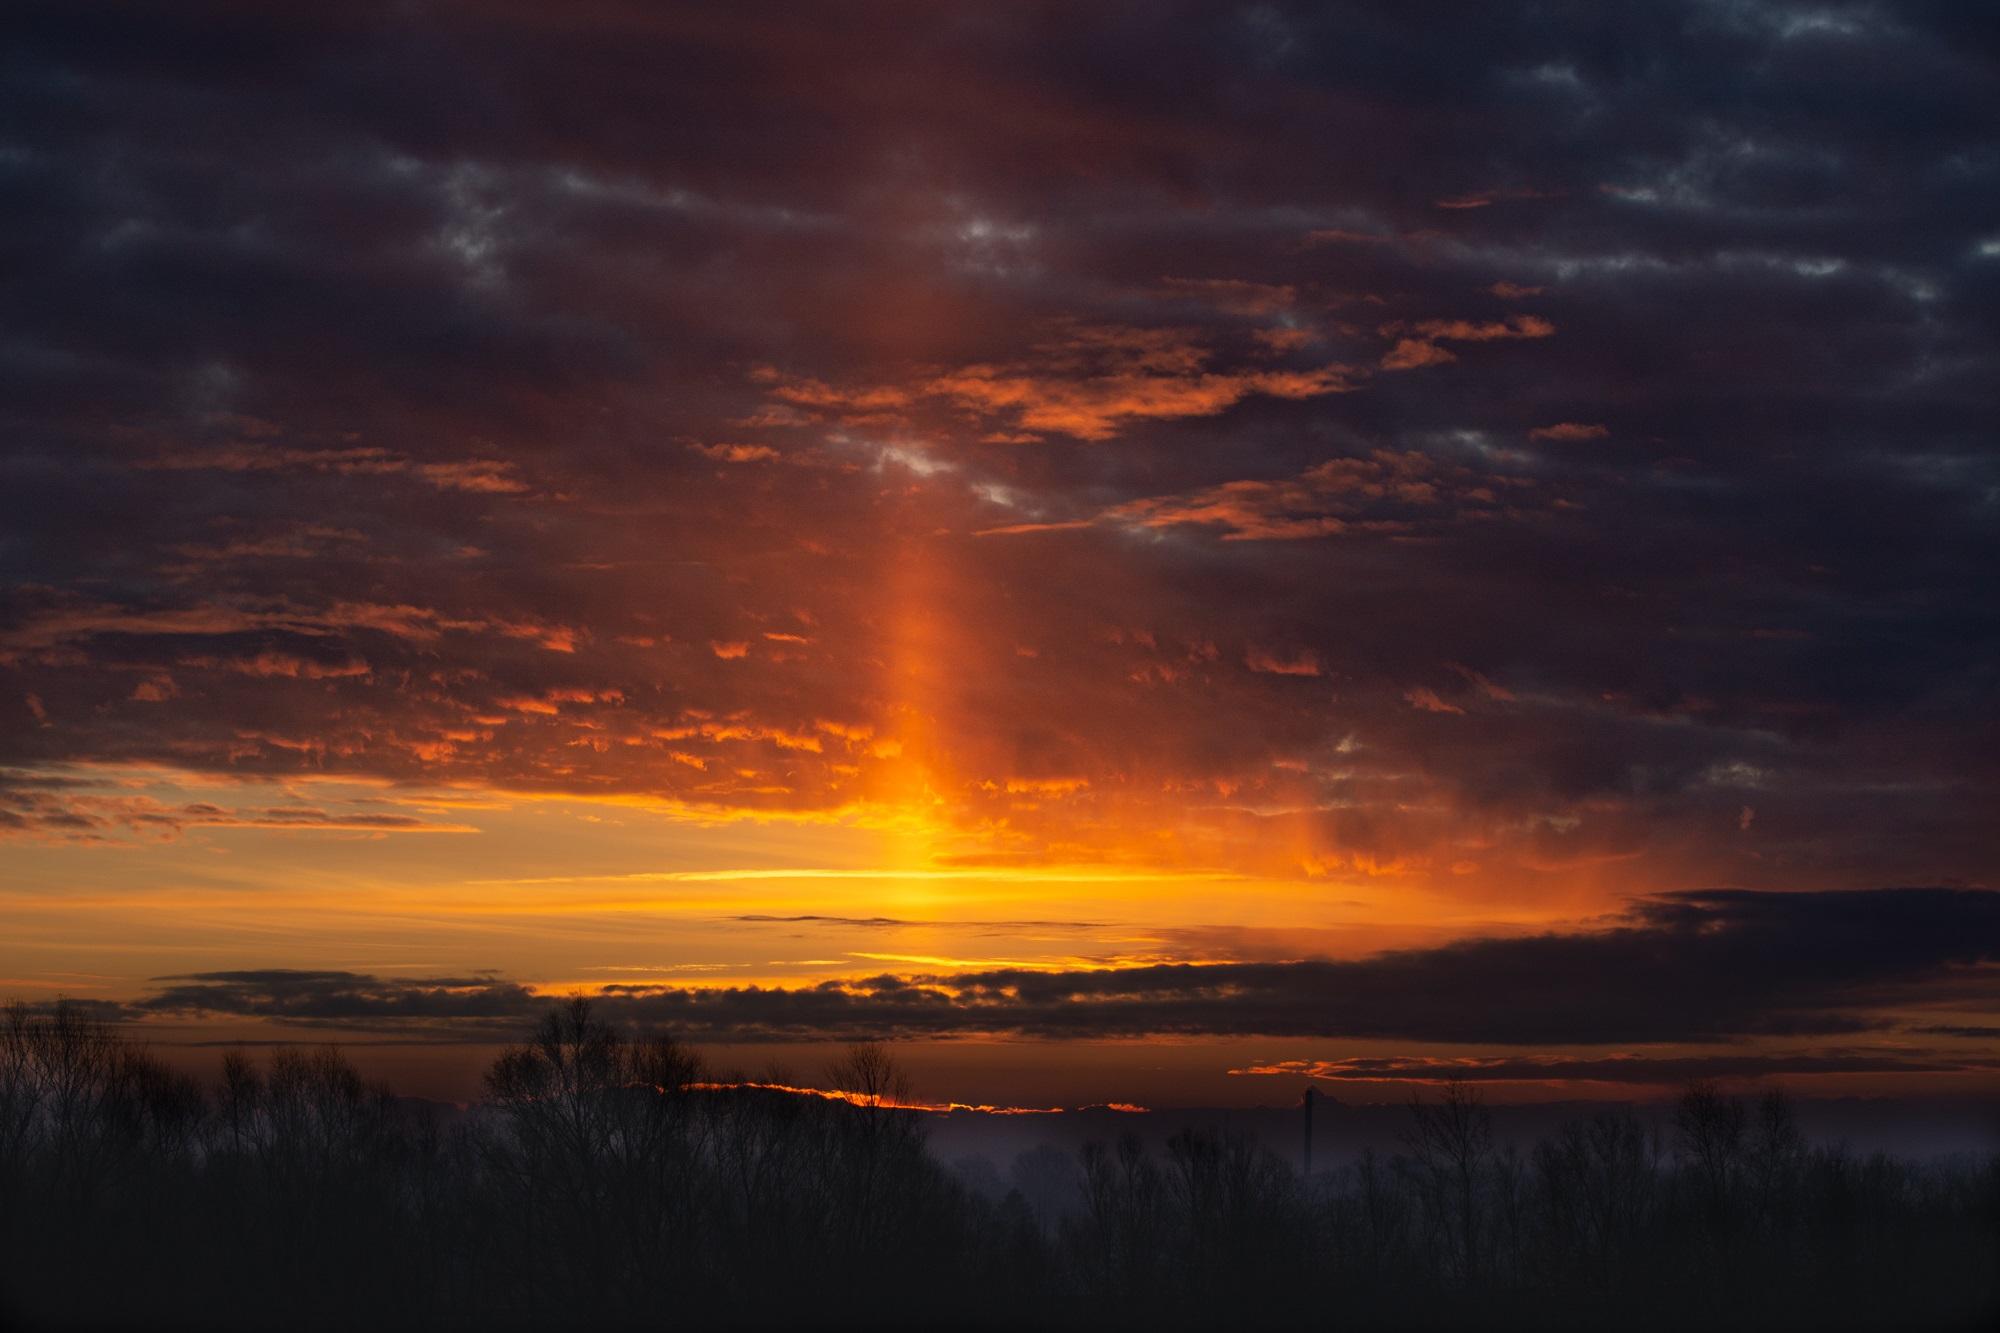 Sonnenaufgang in Laage